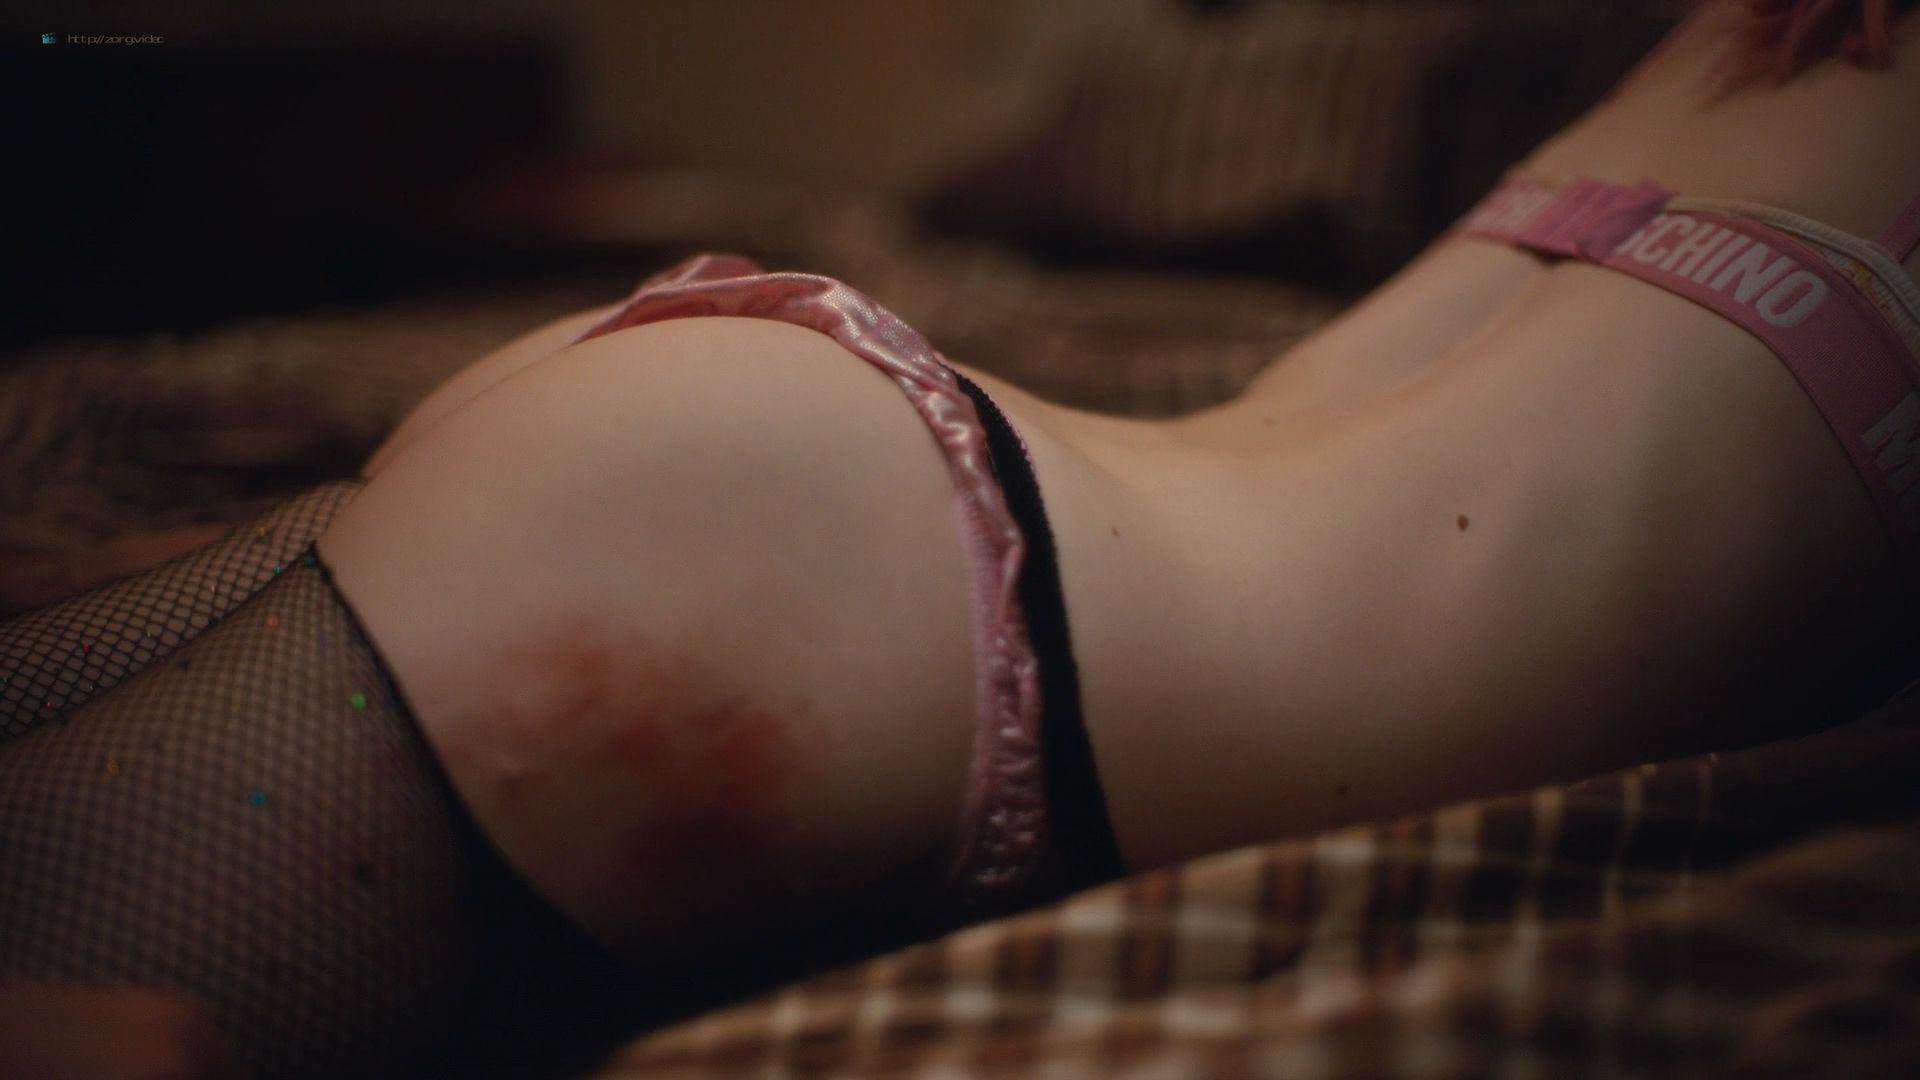 Sydney Sweeney nude sex Alexa Demie topless - Euphoria (2019) HD1080p (13)